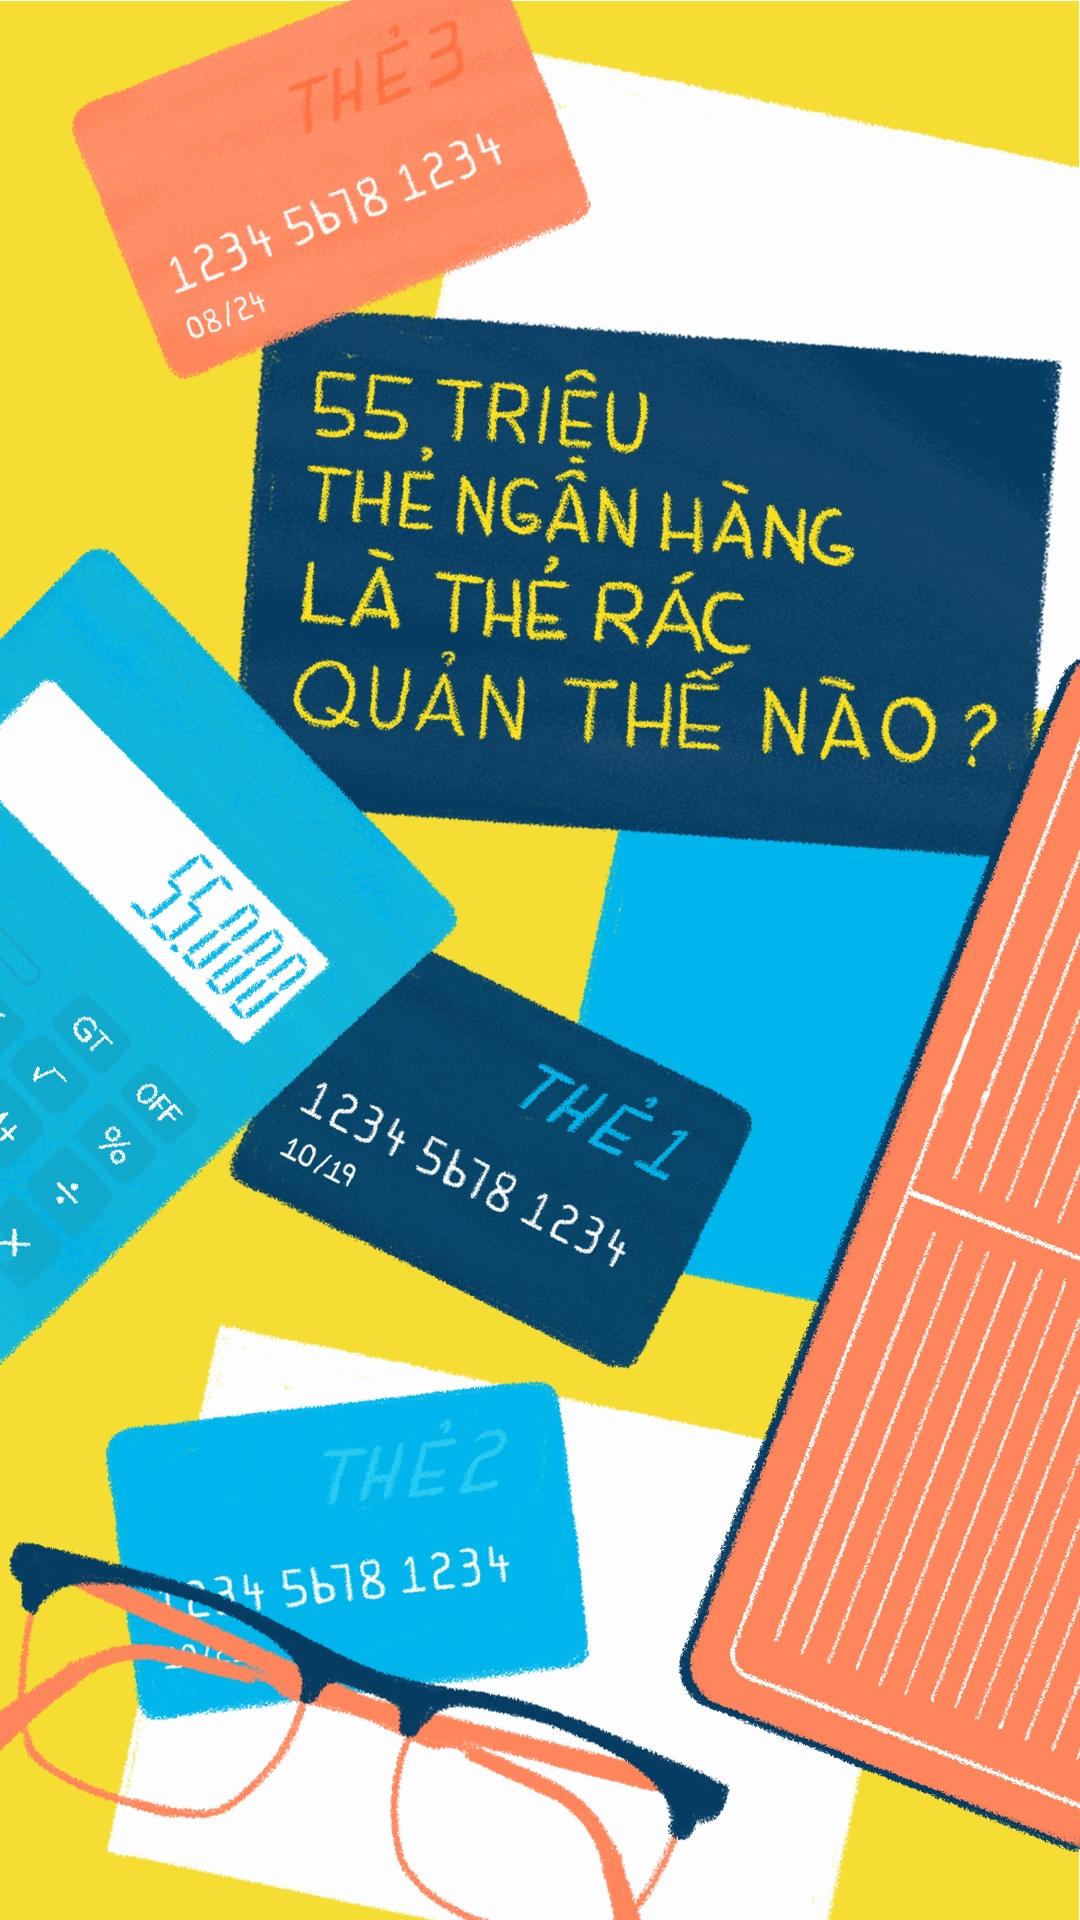 55 trieu 'the rac' ngan hang, quan the nao? hinh anh 1